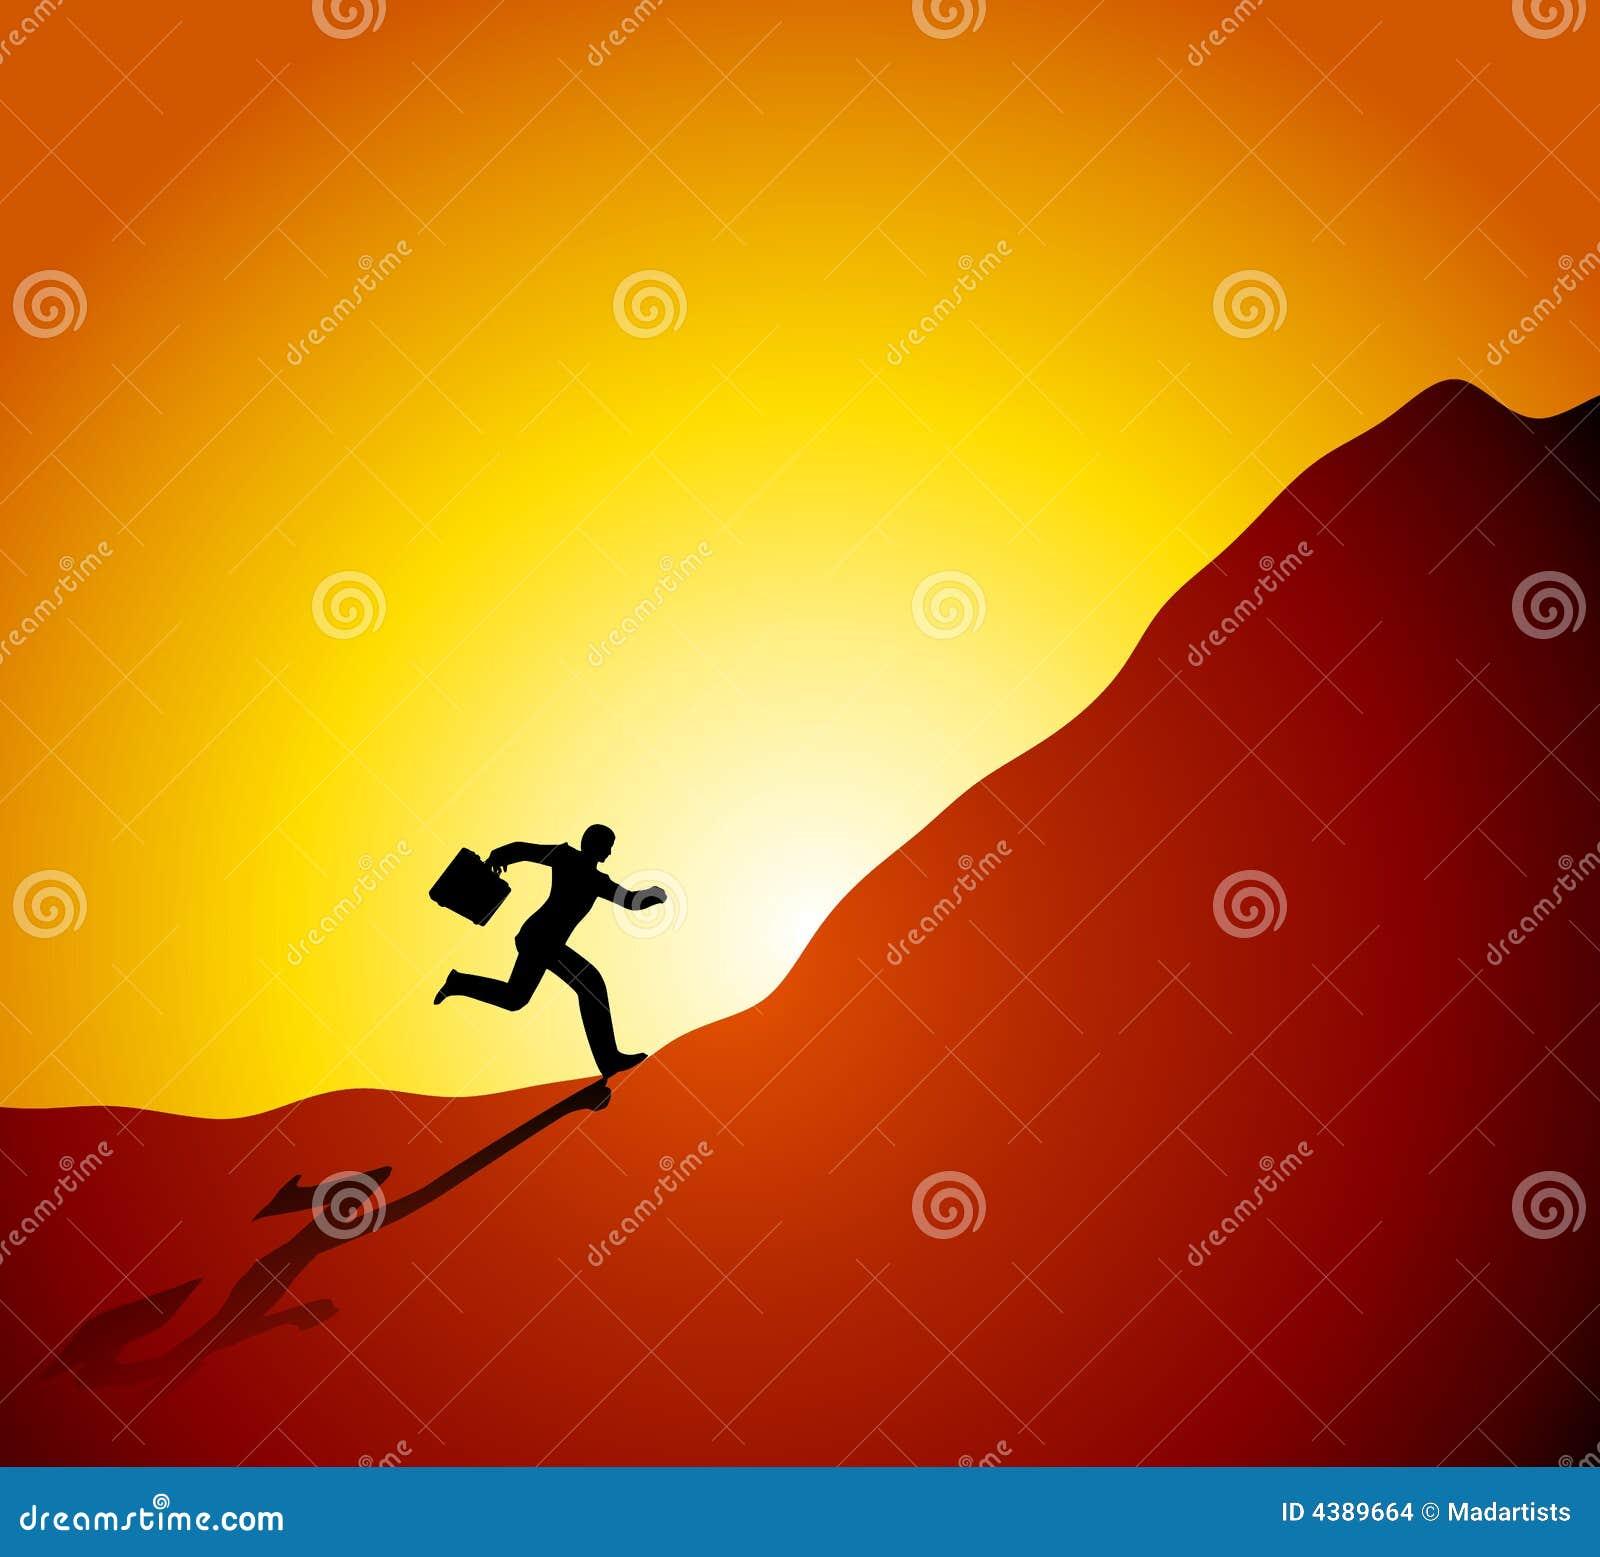 Businessman Running Up Mountain